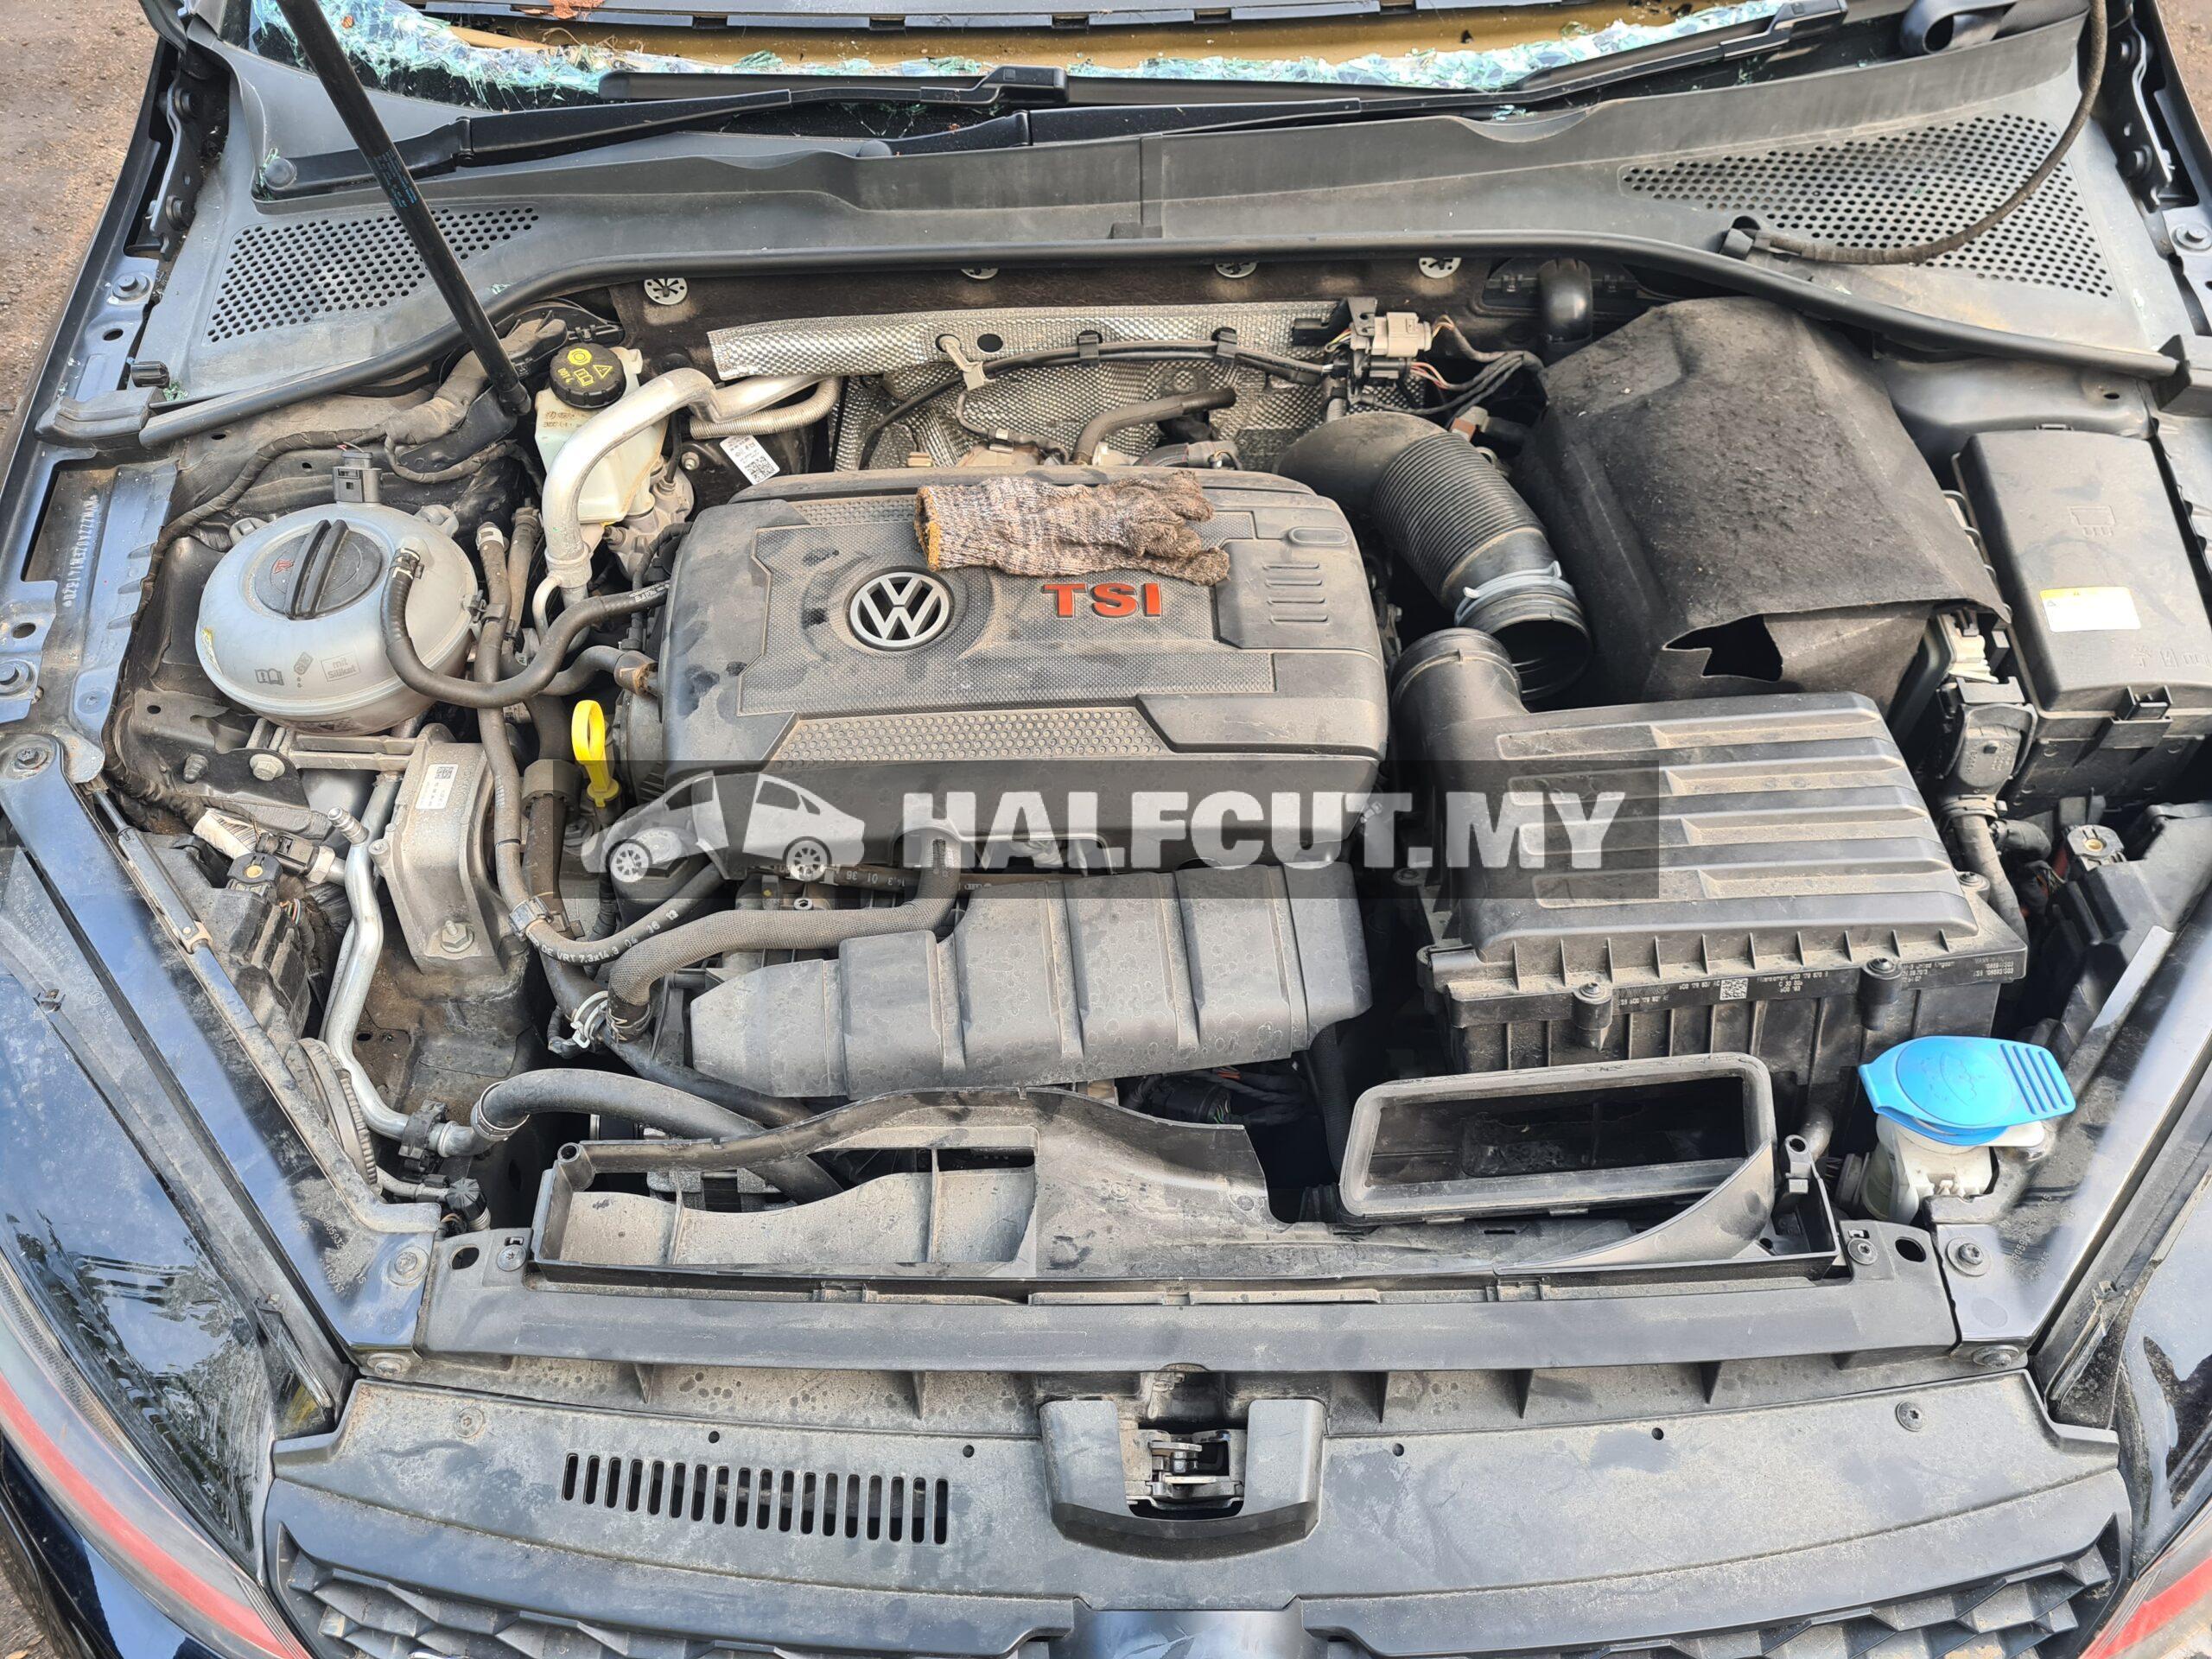 Vw MK7 GTI halfcut CKD